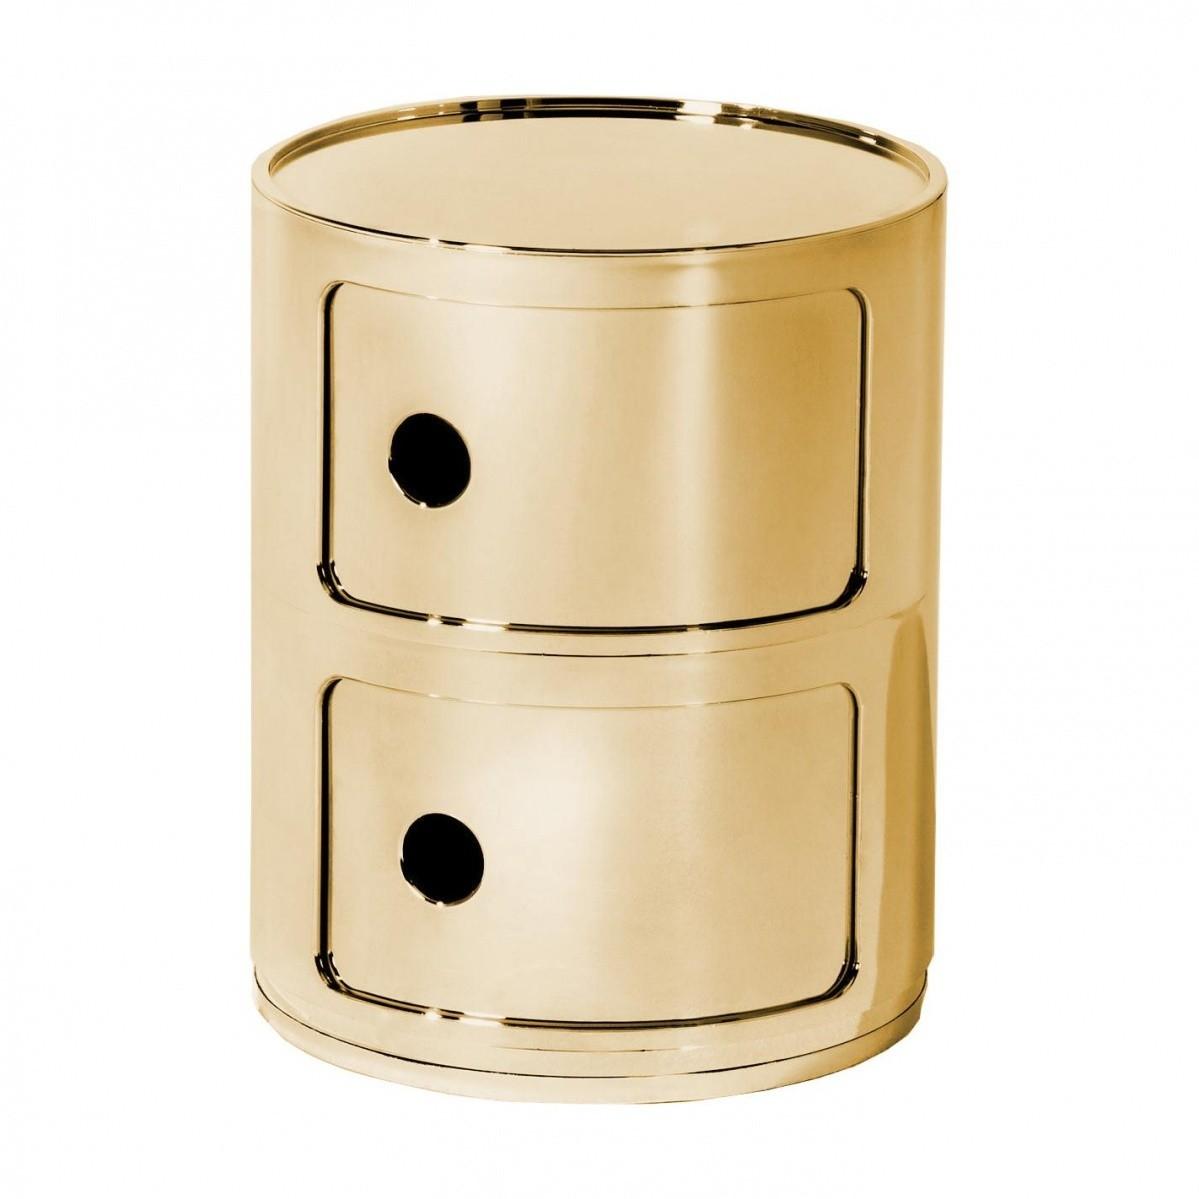 Table De Chevet Componibili componibili 2 metallic - conteneur